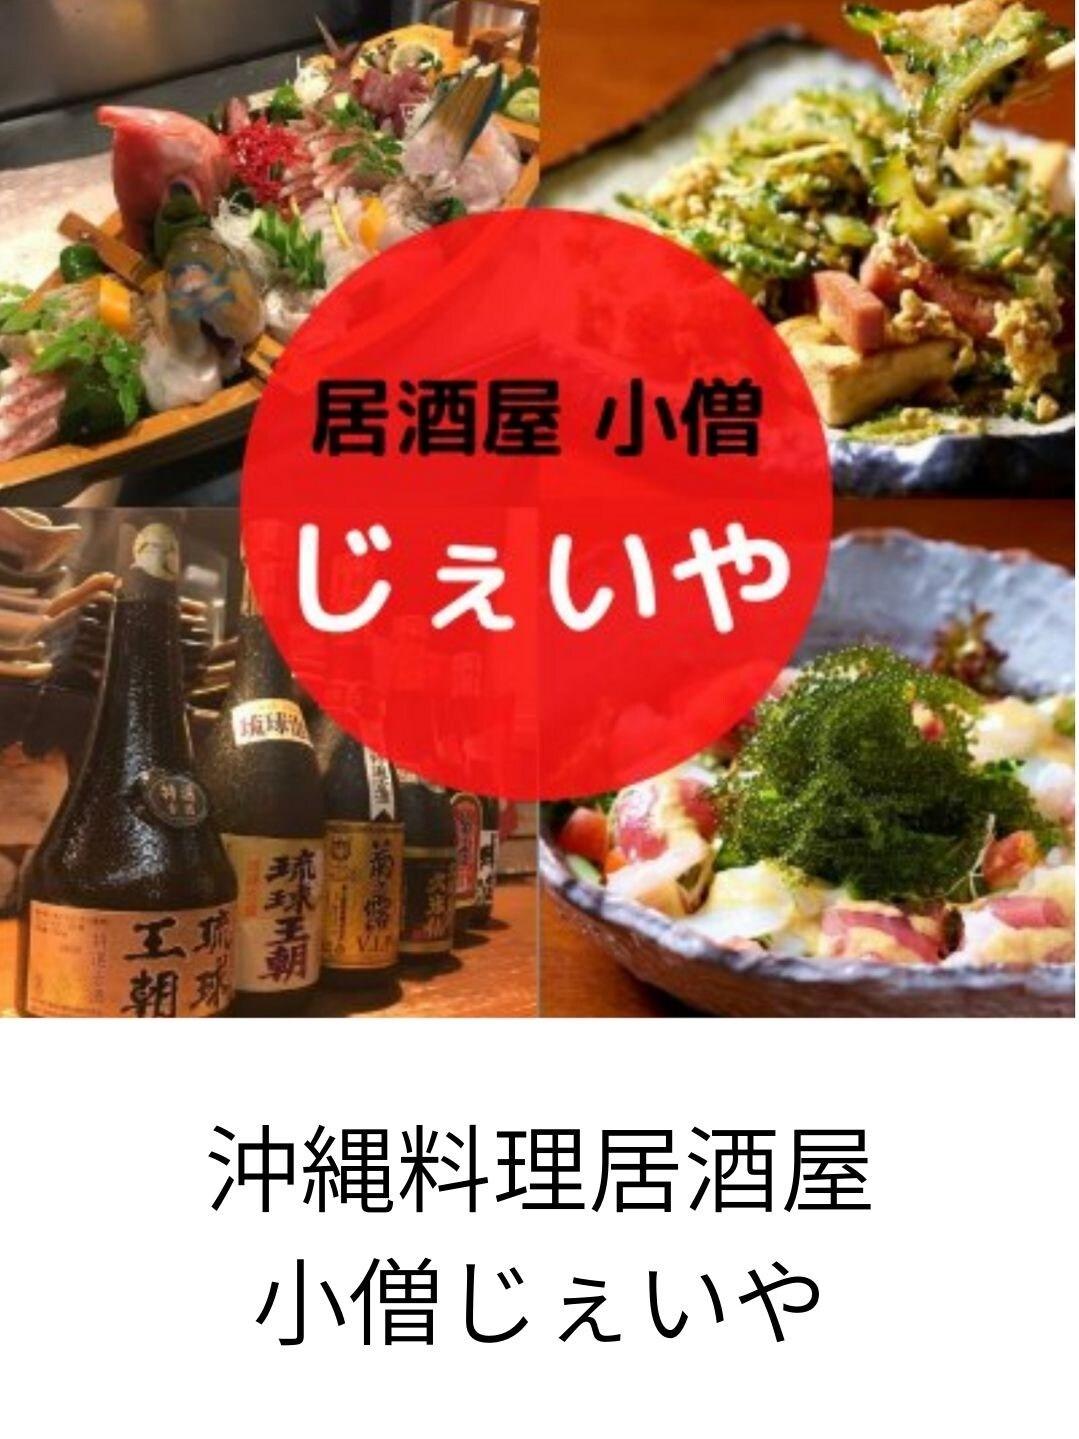 沖縄|料理|旅行|飲み|食事|那覇